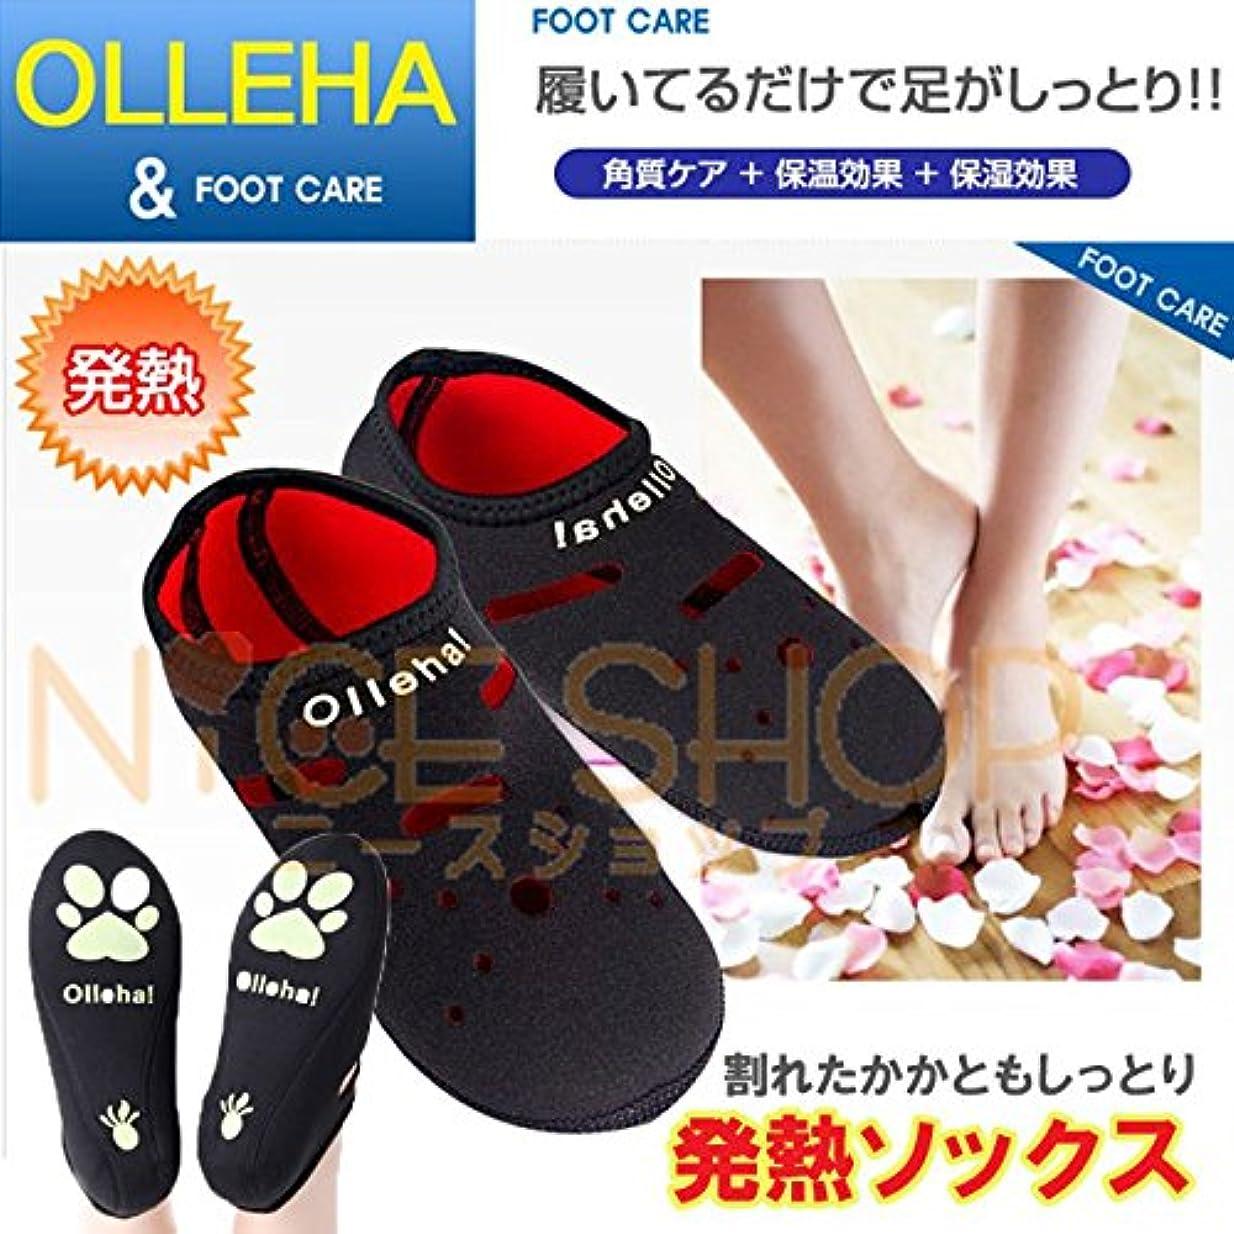 広告キャッチ反射発熱靴下(足袋)発熱ソックス、フットケアー Olleha! (L(25.0~27.5))